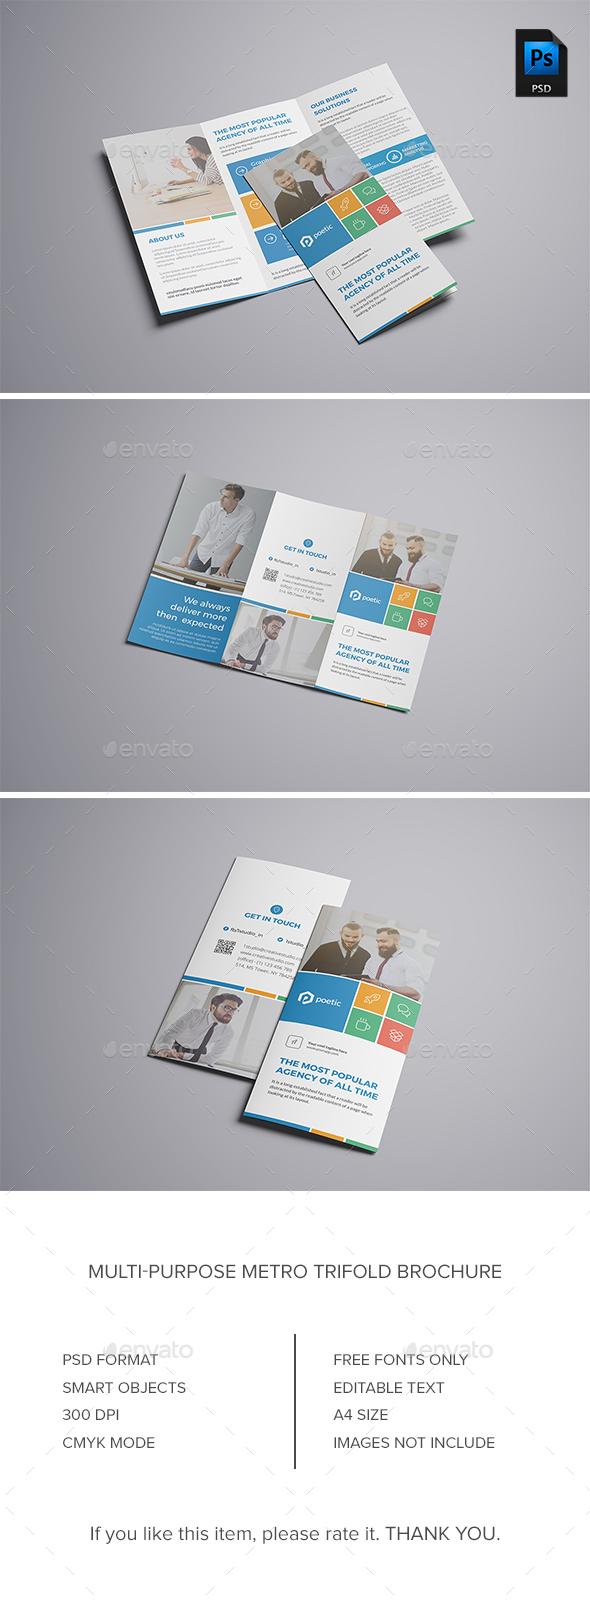 GraphicRiver Metro Trifold Brochure 21100732